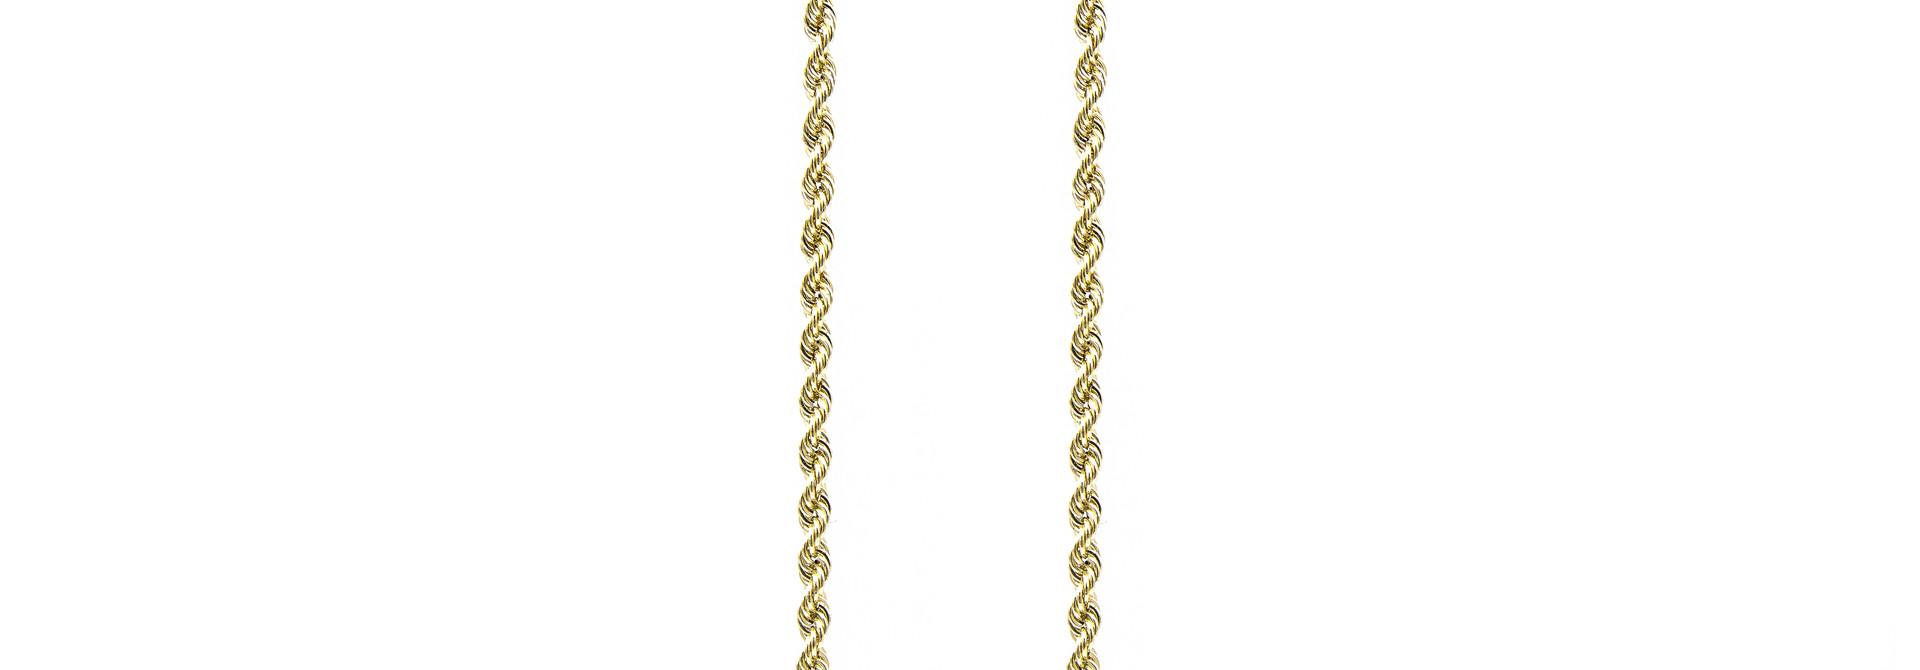 Rope Chain 18k